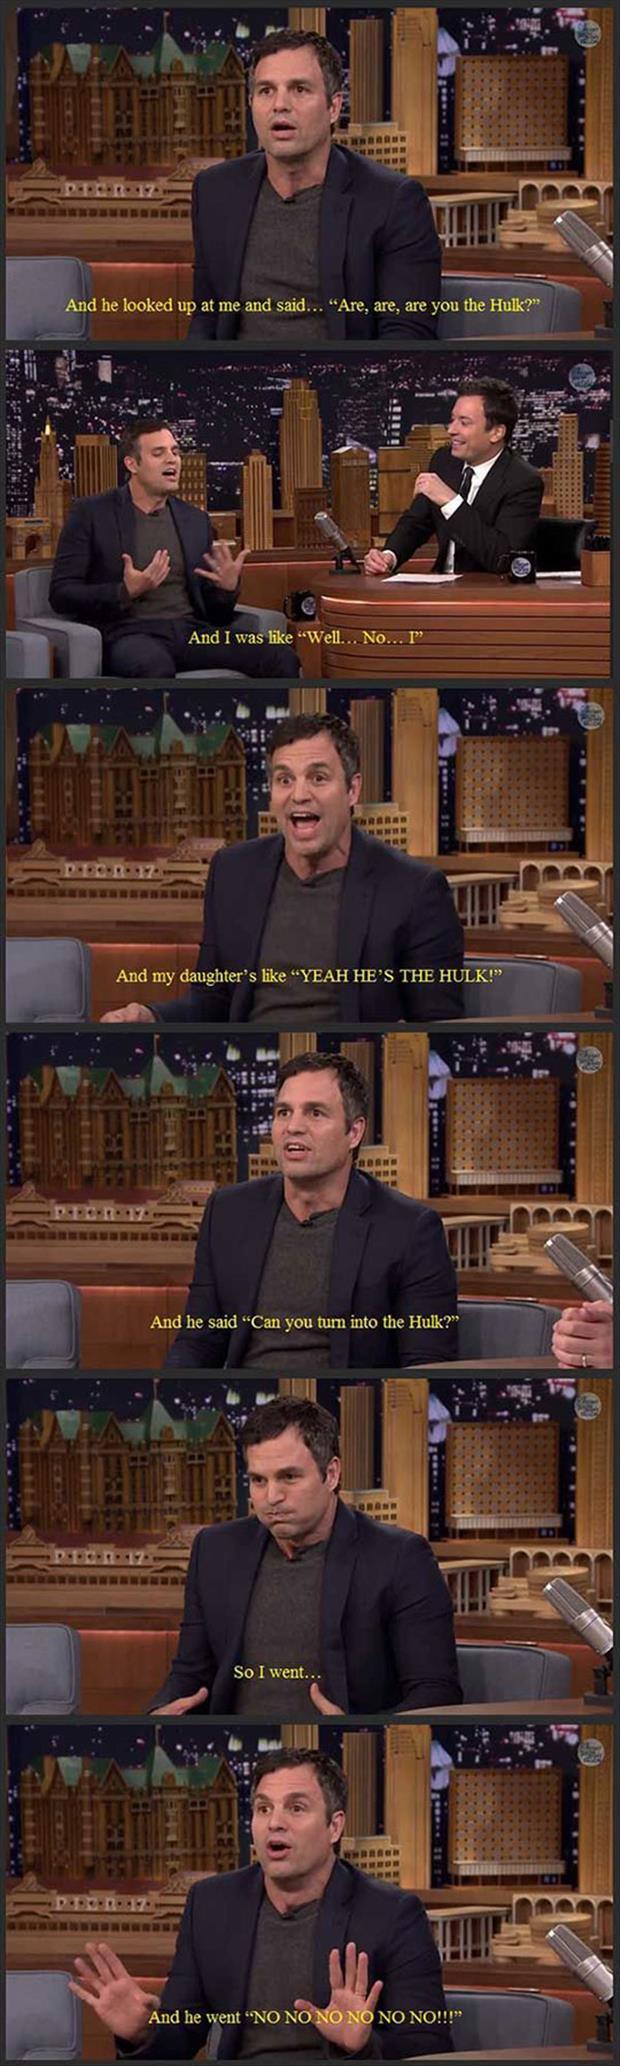 Can you turn into Hulk